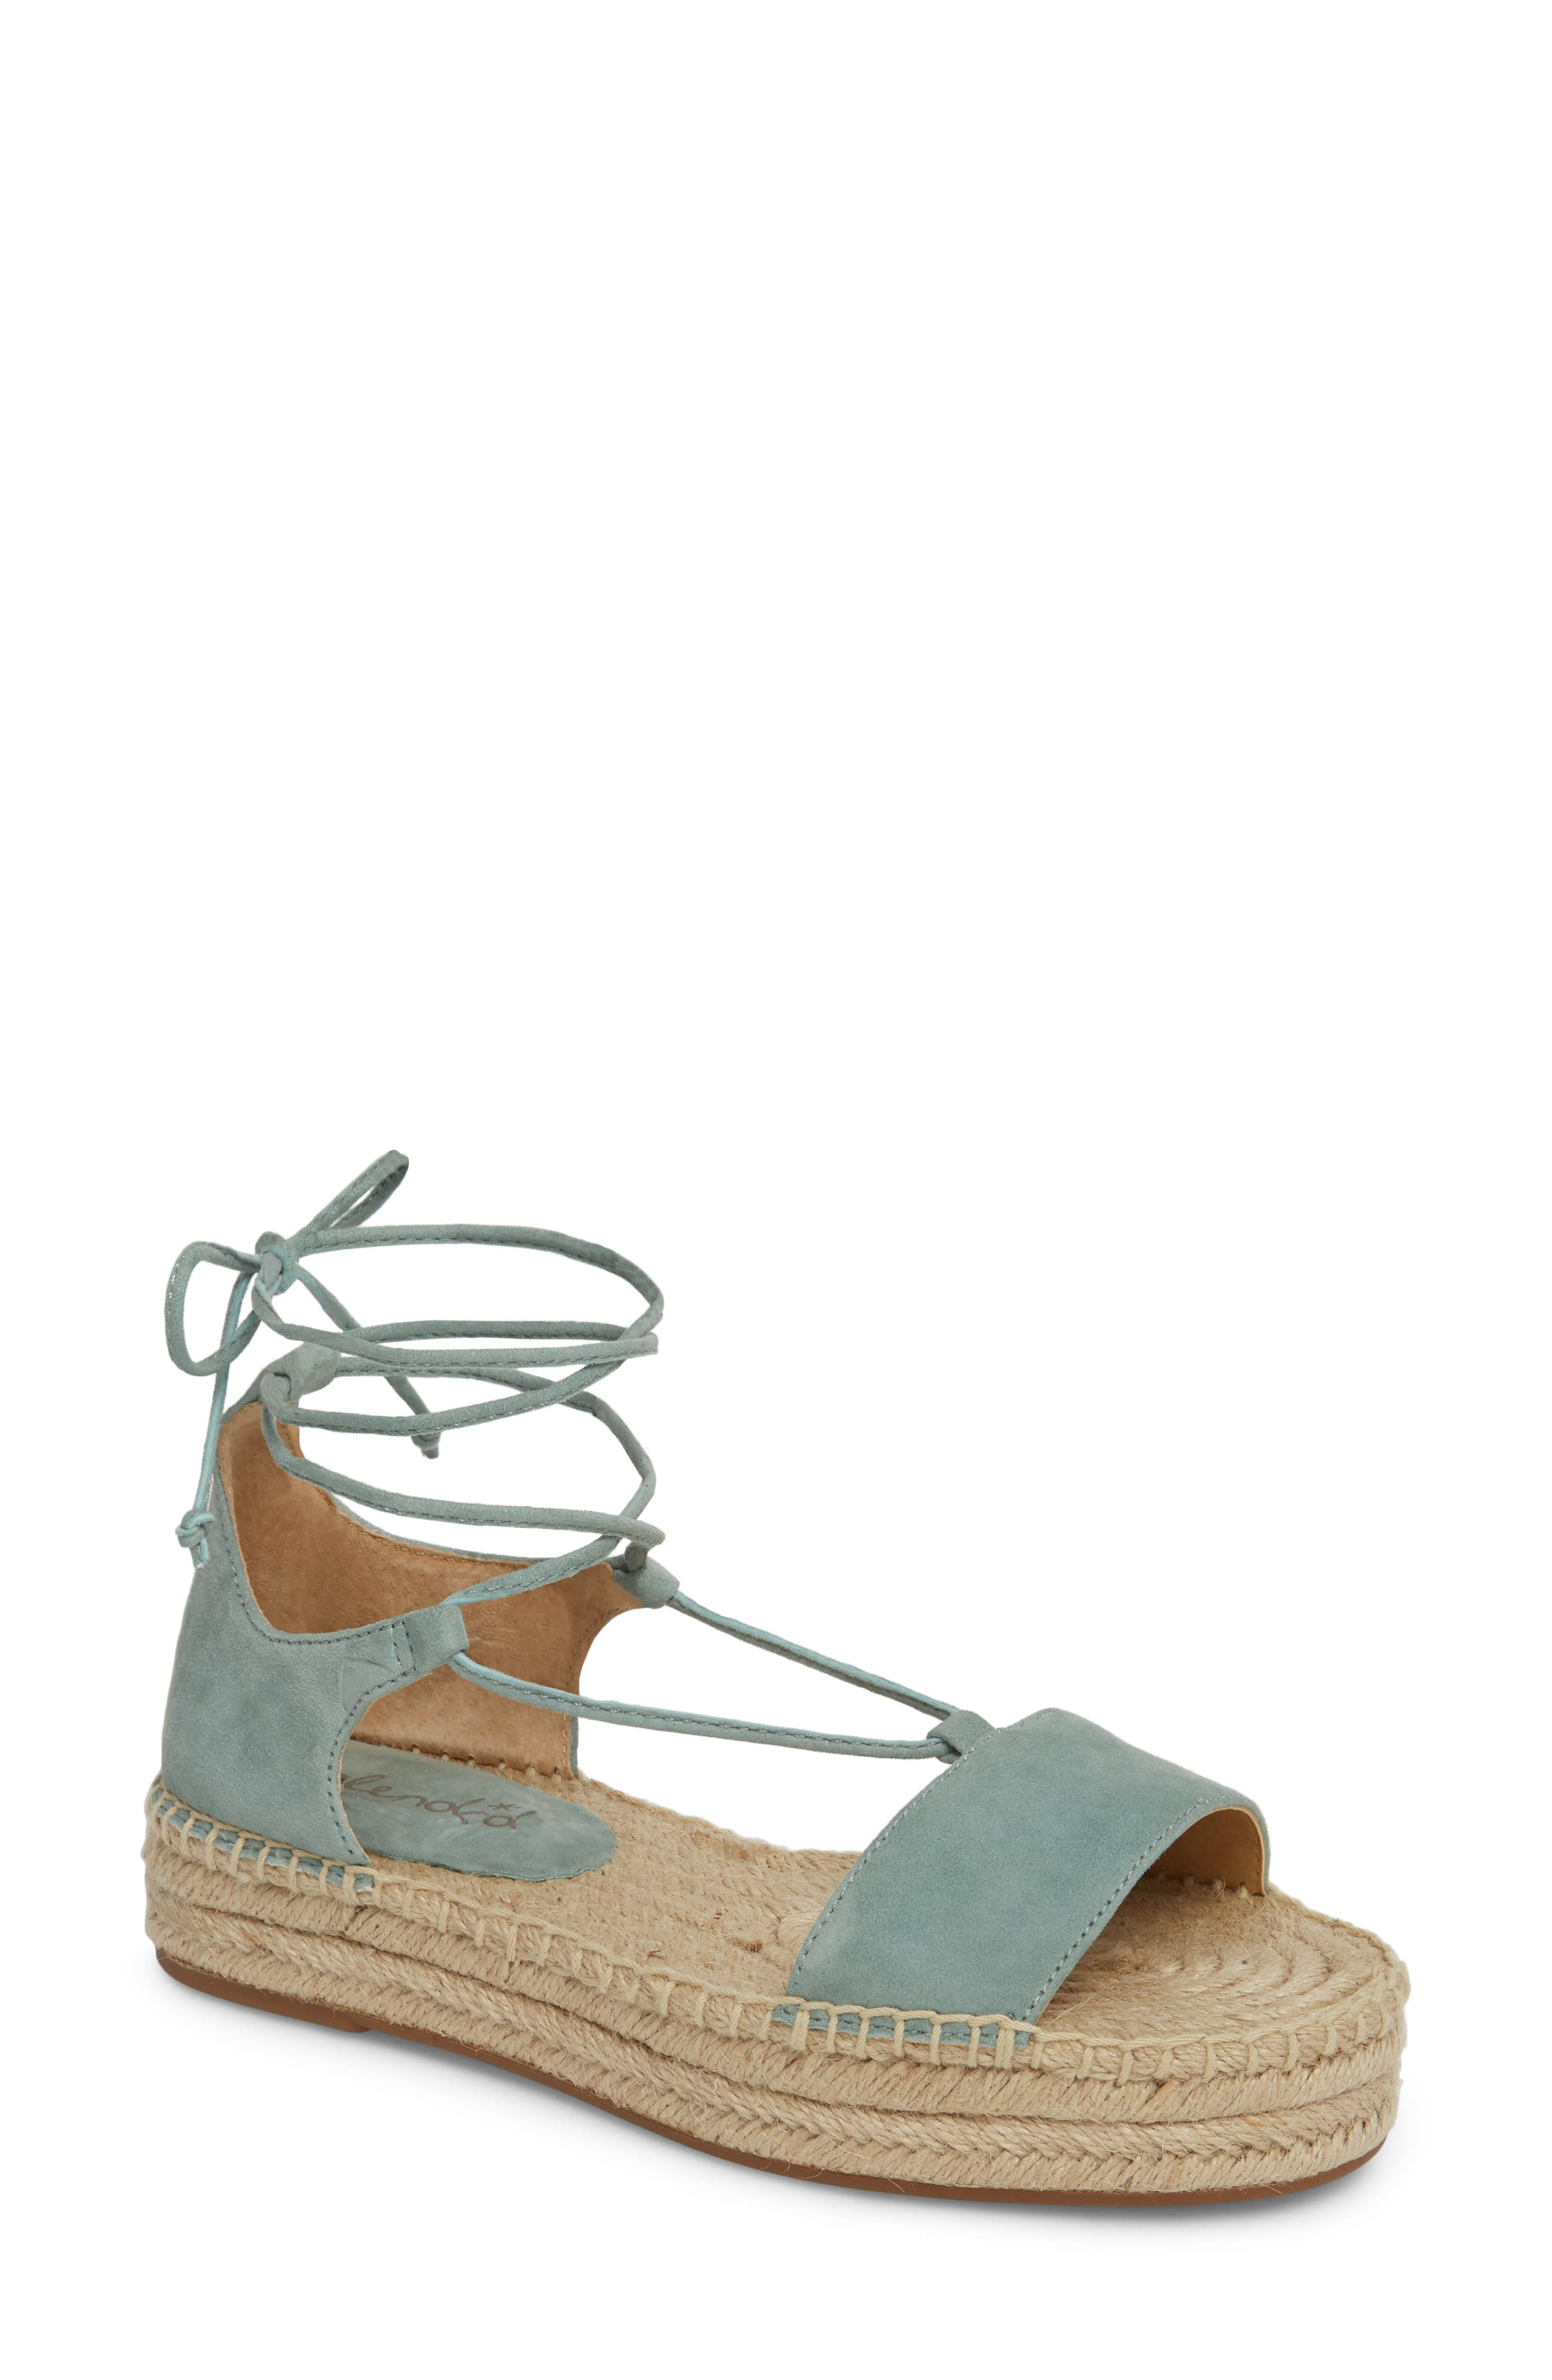 Fernanda Wraparound Platform Sandal,                         Main,                         color, Deco Green Suede